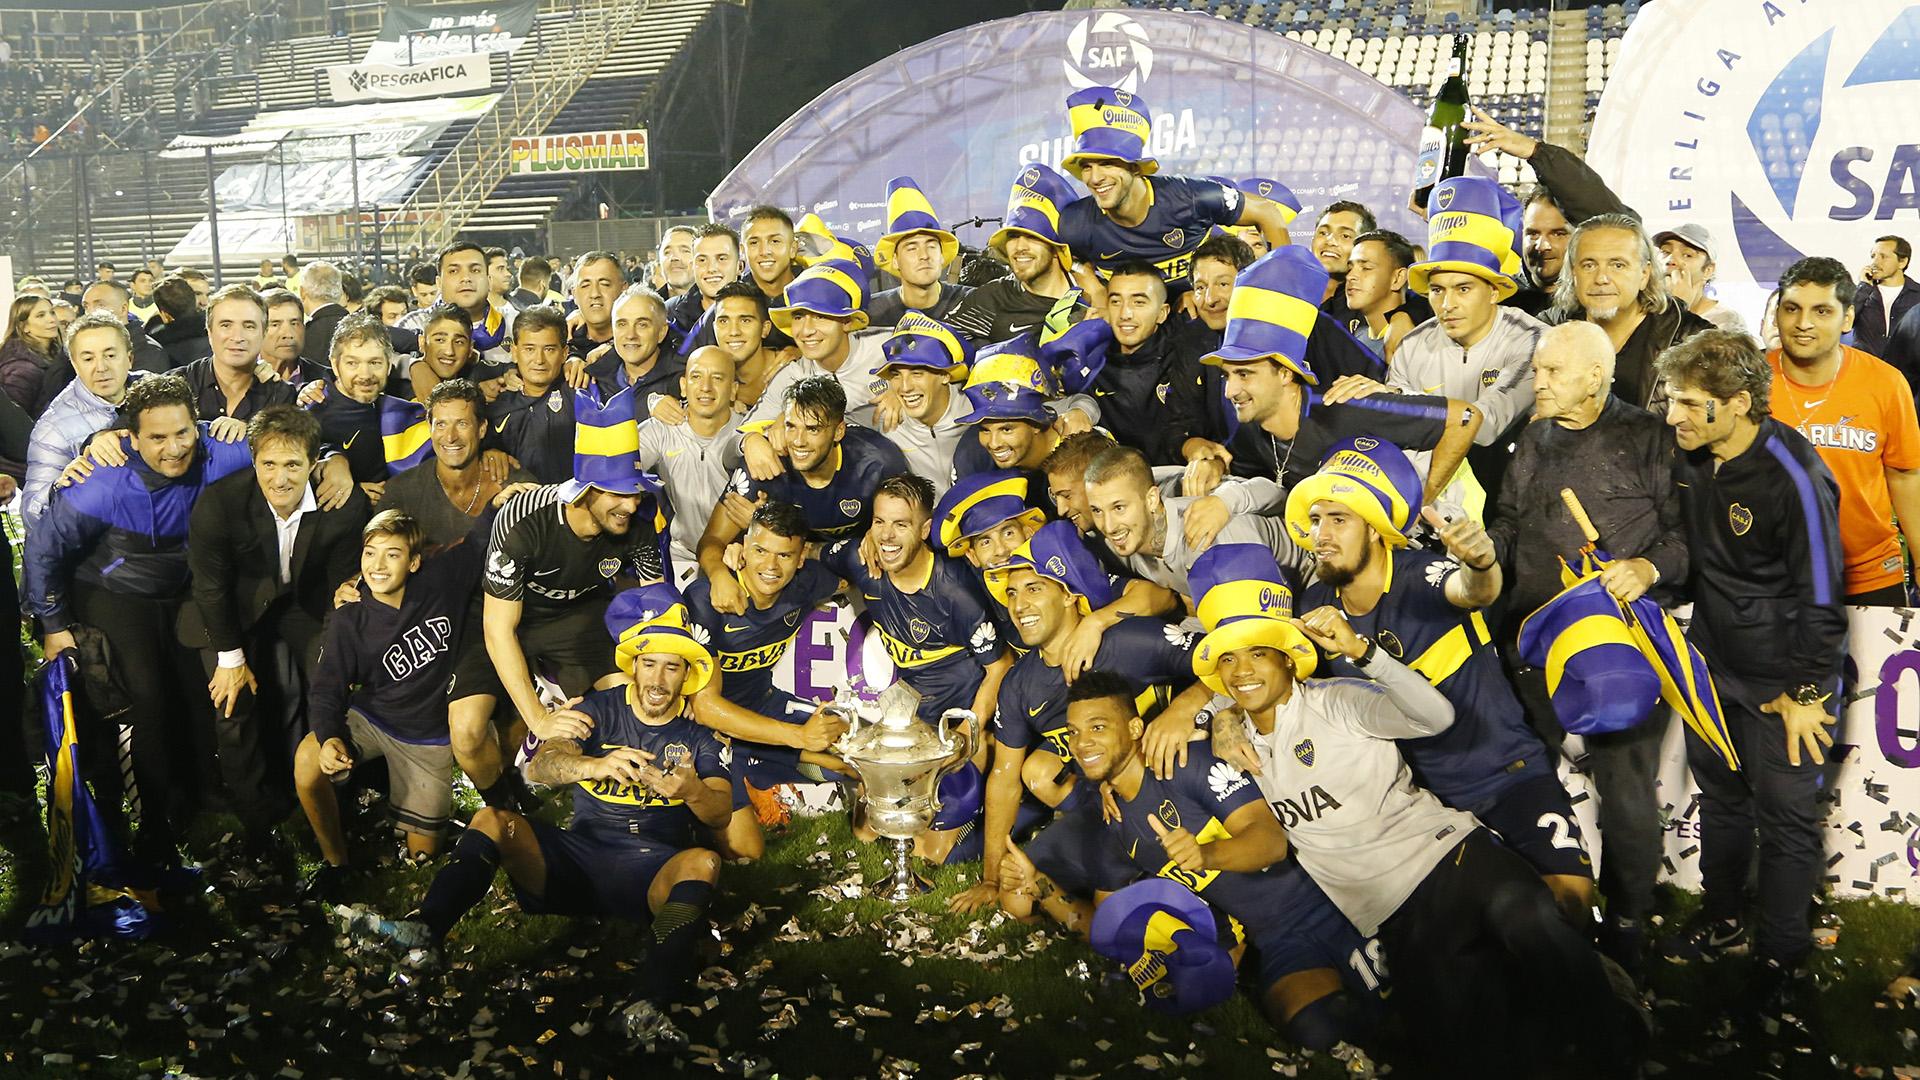 Las foto del campeón: todo Boca unido con el trofeo de la Superliga